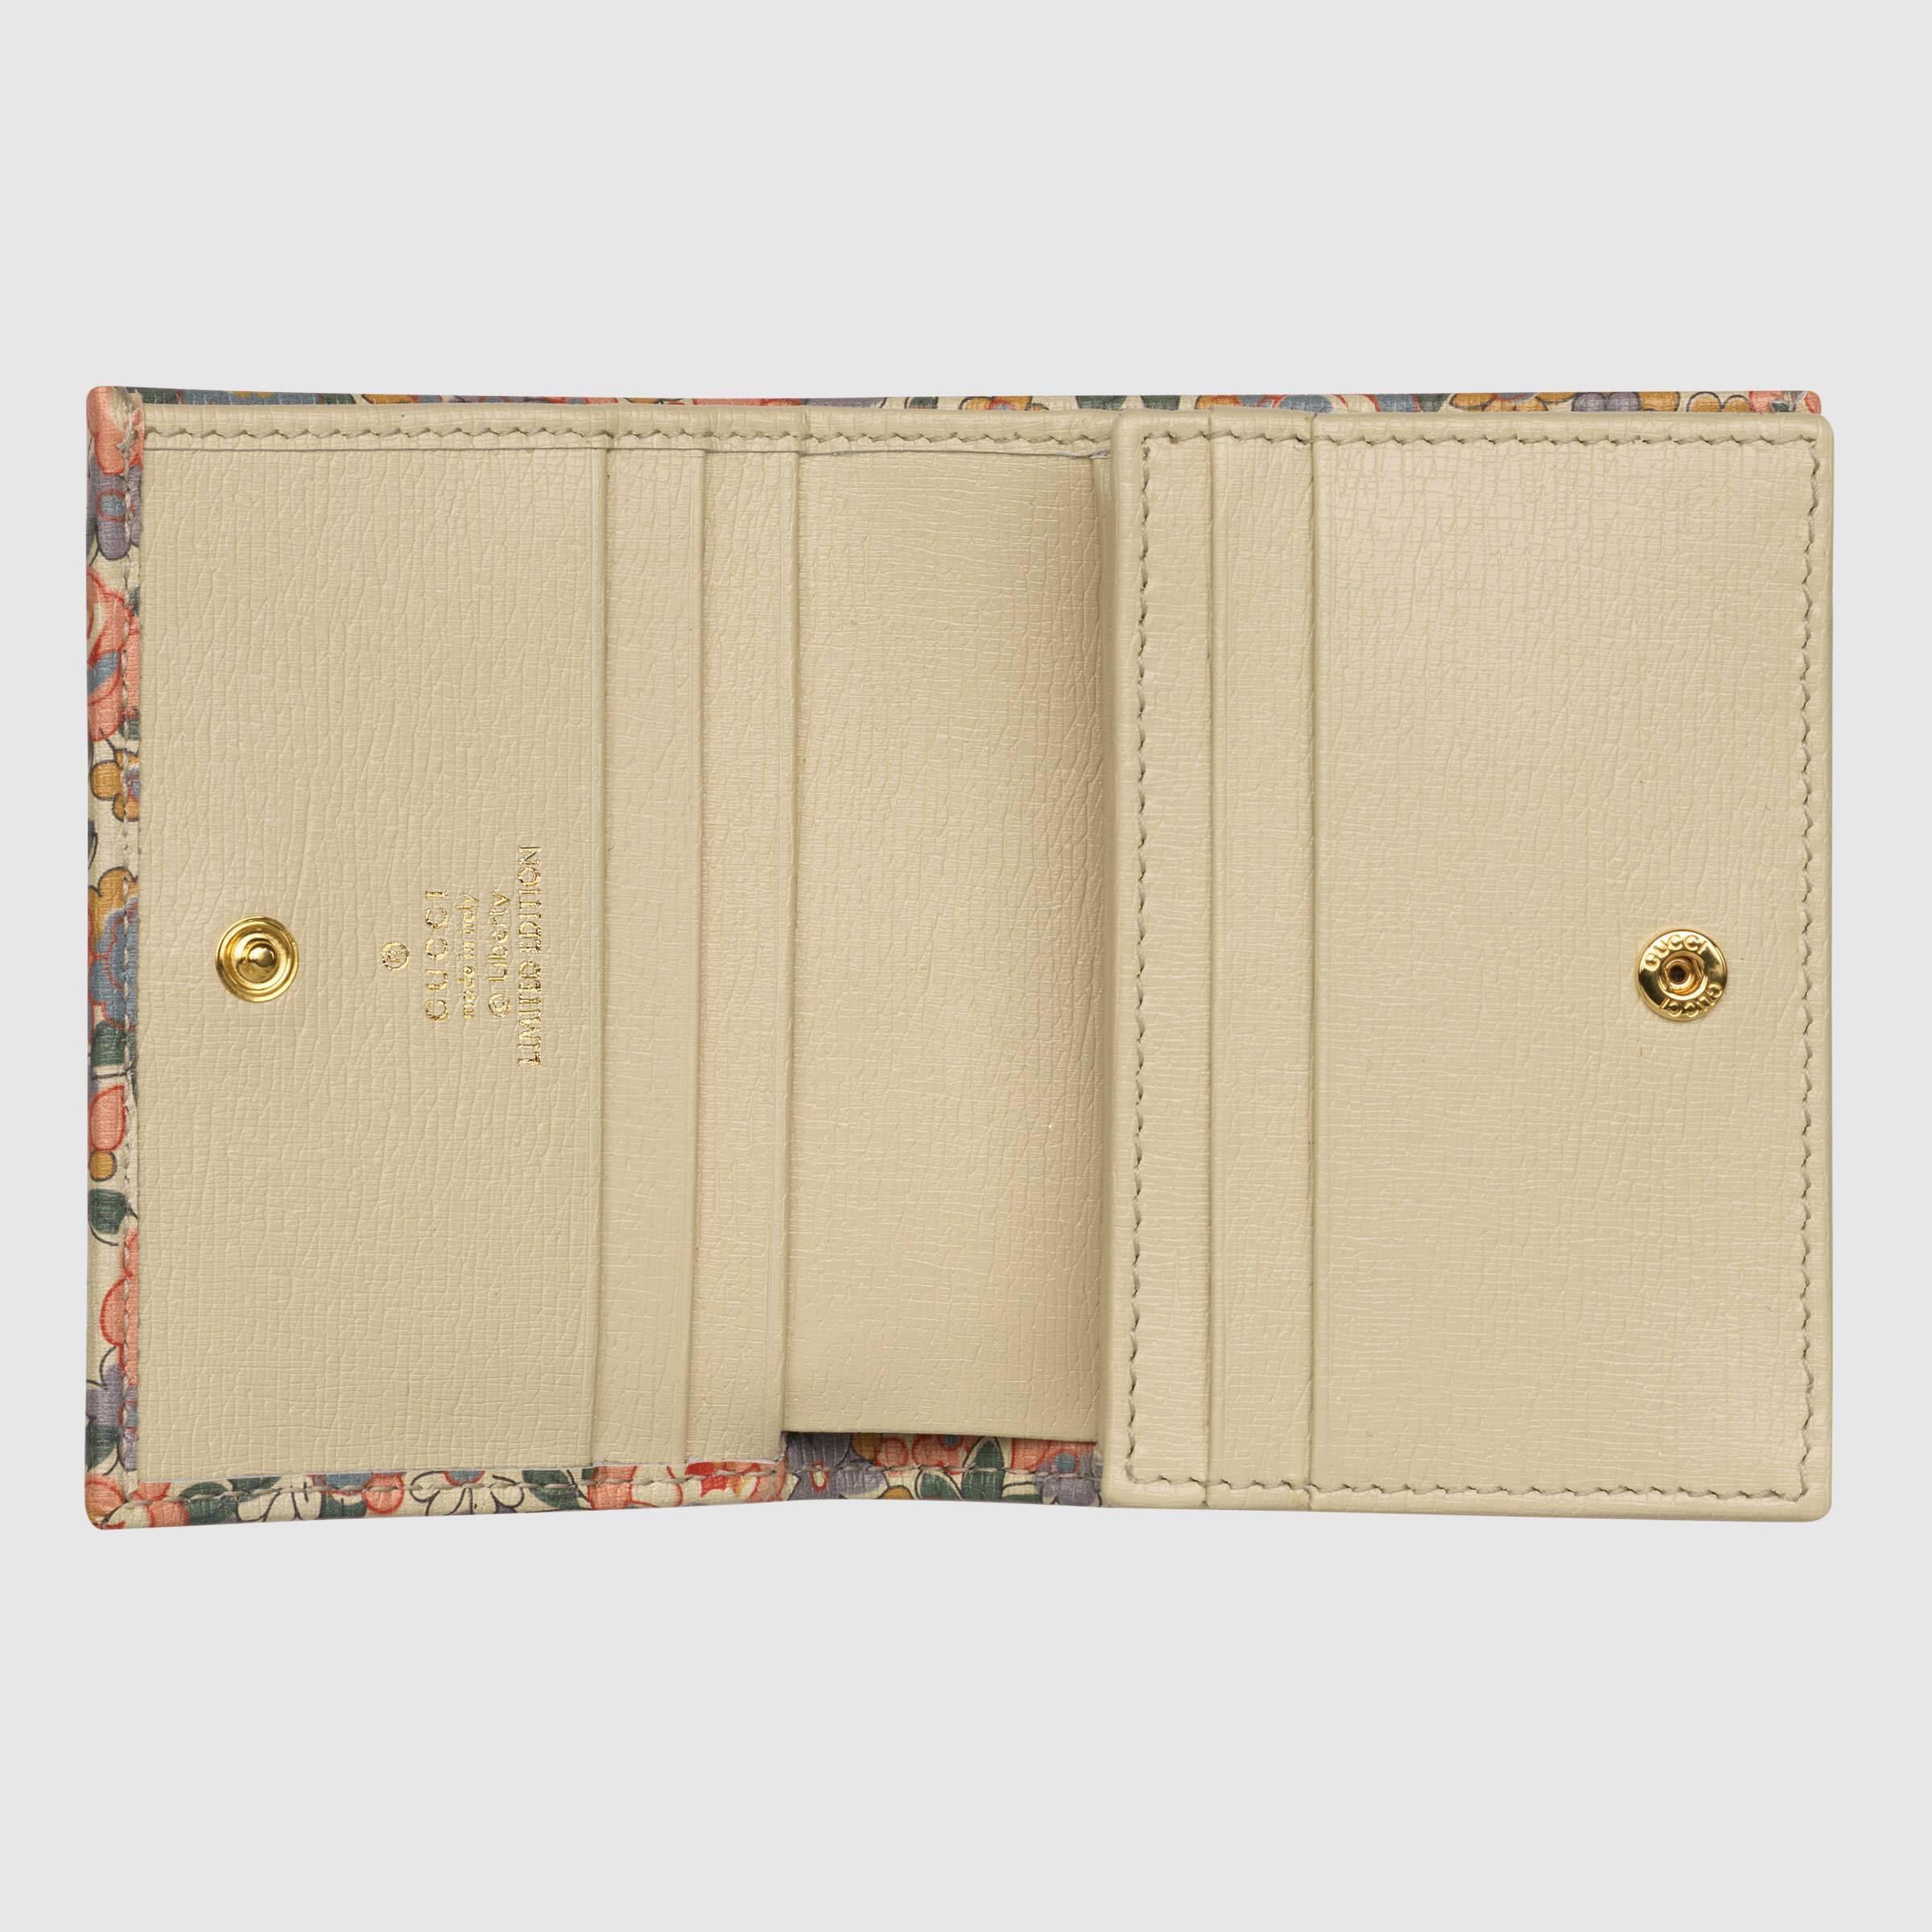 유럽직배송 구찌 GUCCI Gucci - Gucci Horsebit 1955 Liberty London card case wallet 62188712QBE5965